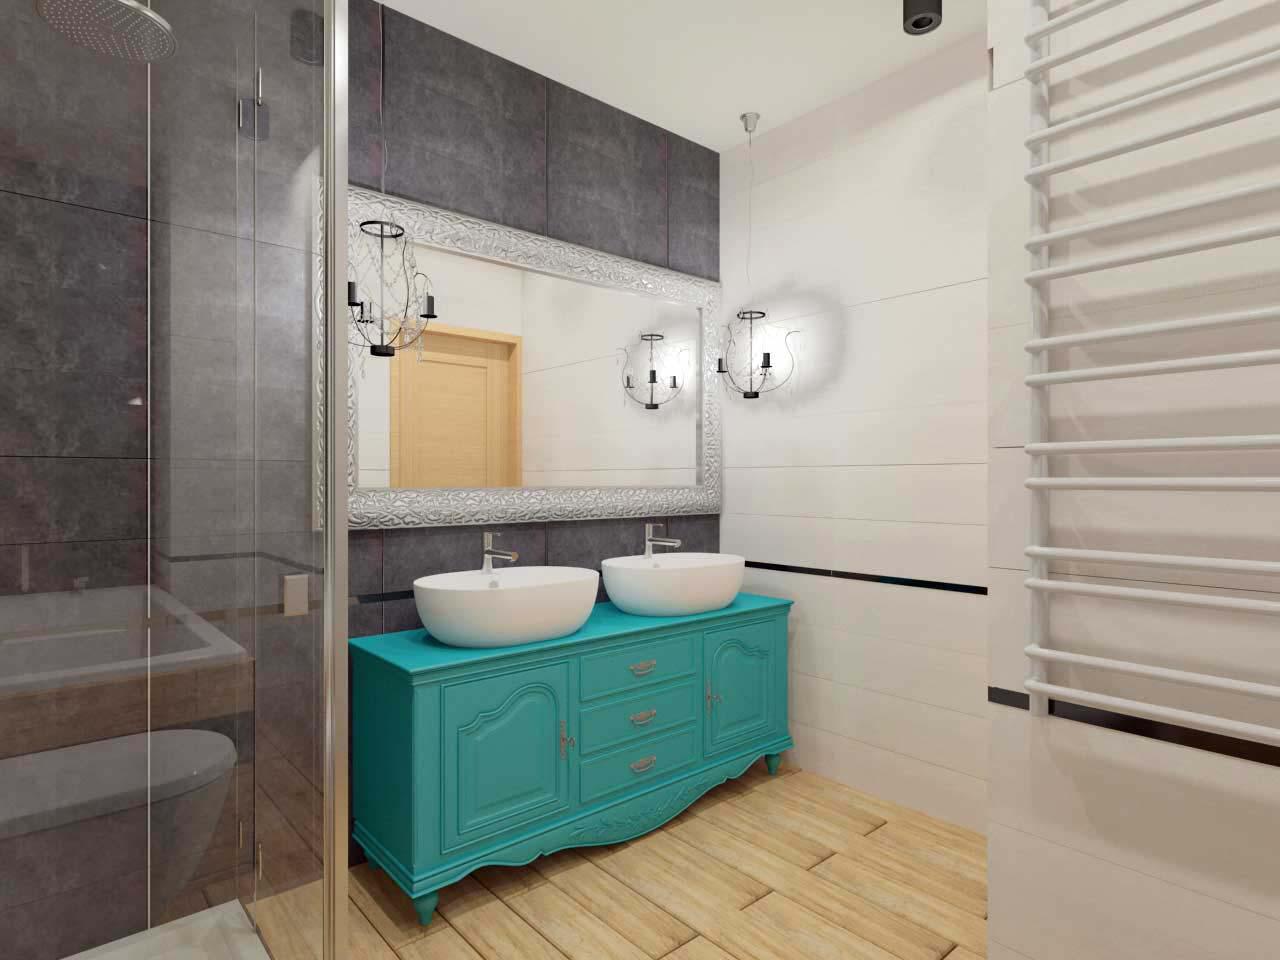 Projektowanie wnętrz - meble łazienkowe